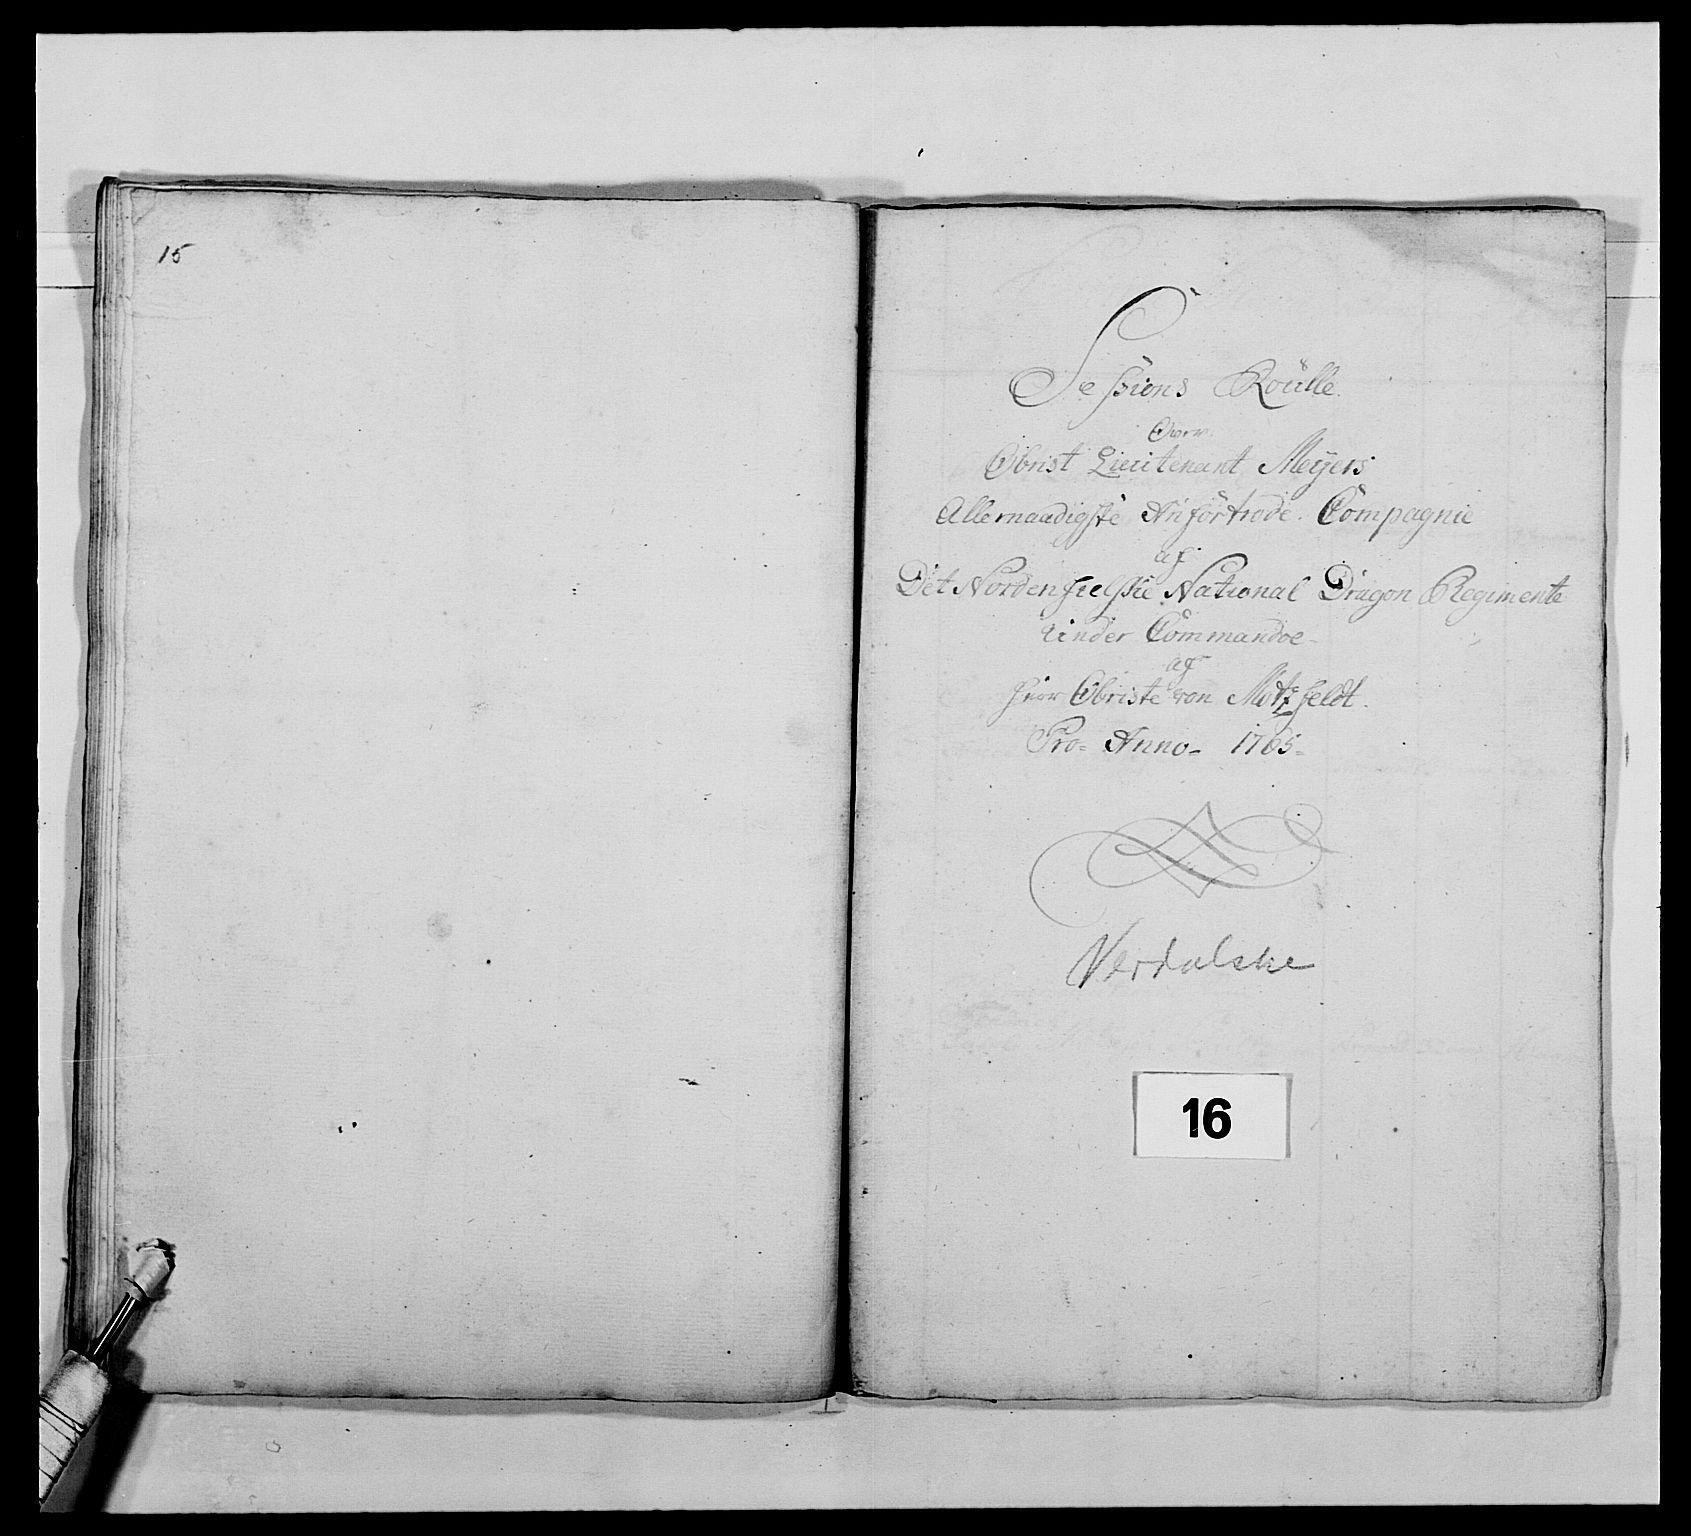 RA, Kommanderende general (KG I) med Det norske krigsdirektorium, E/Ea/L0483: Nordafjelske dragonregiment, 1765-1767, s. 369